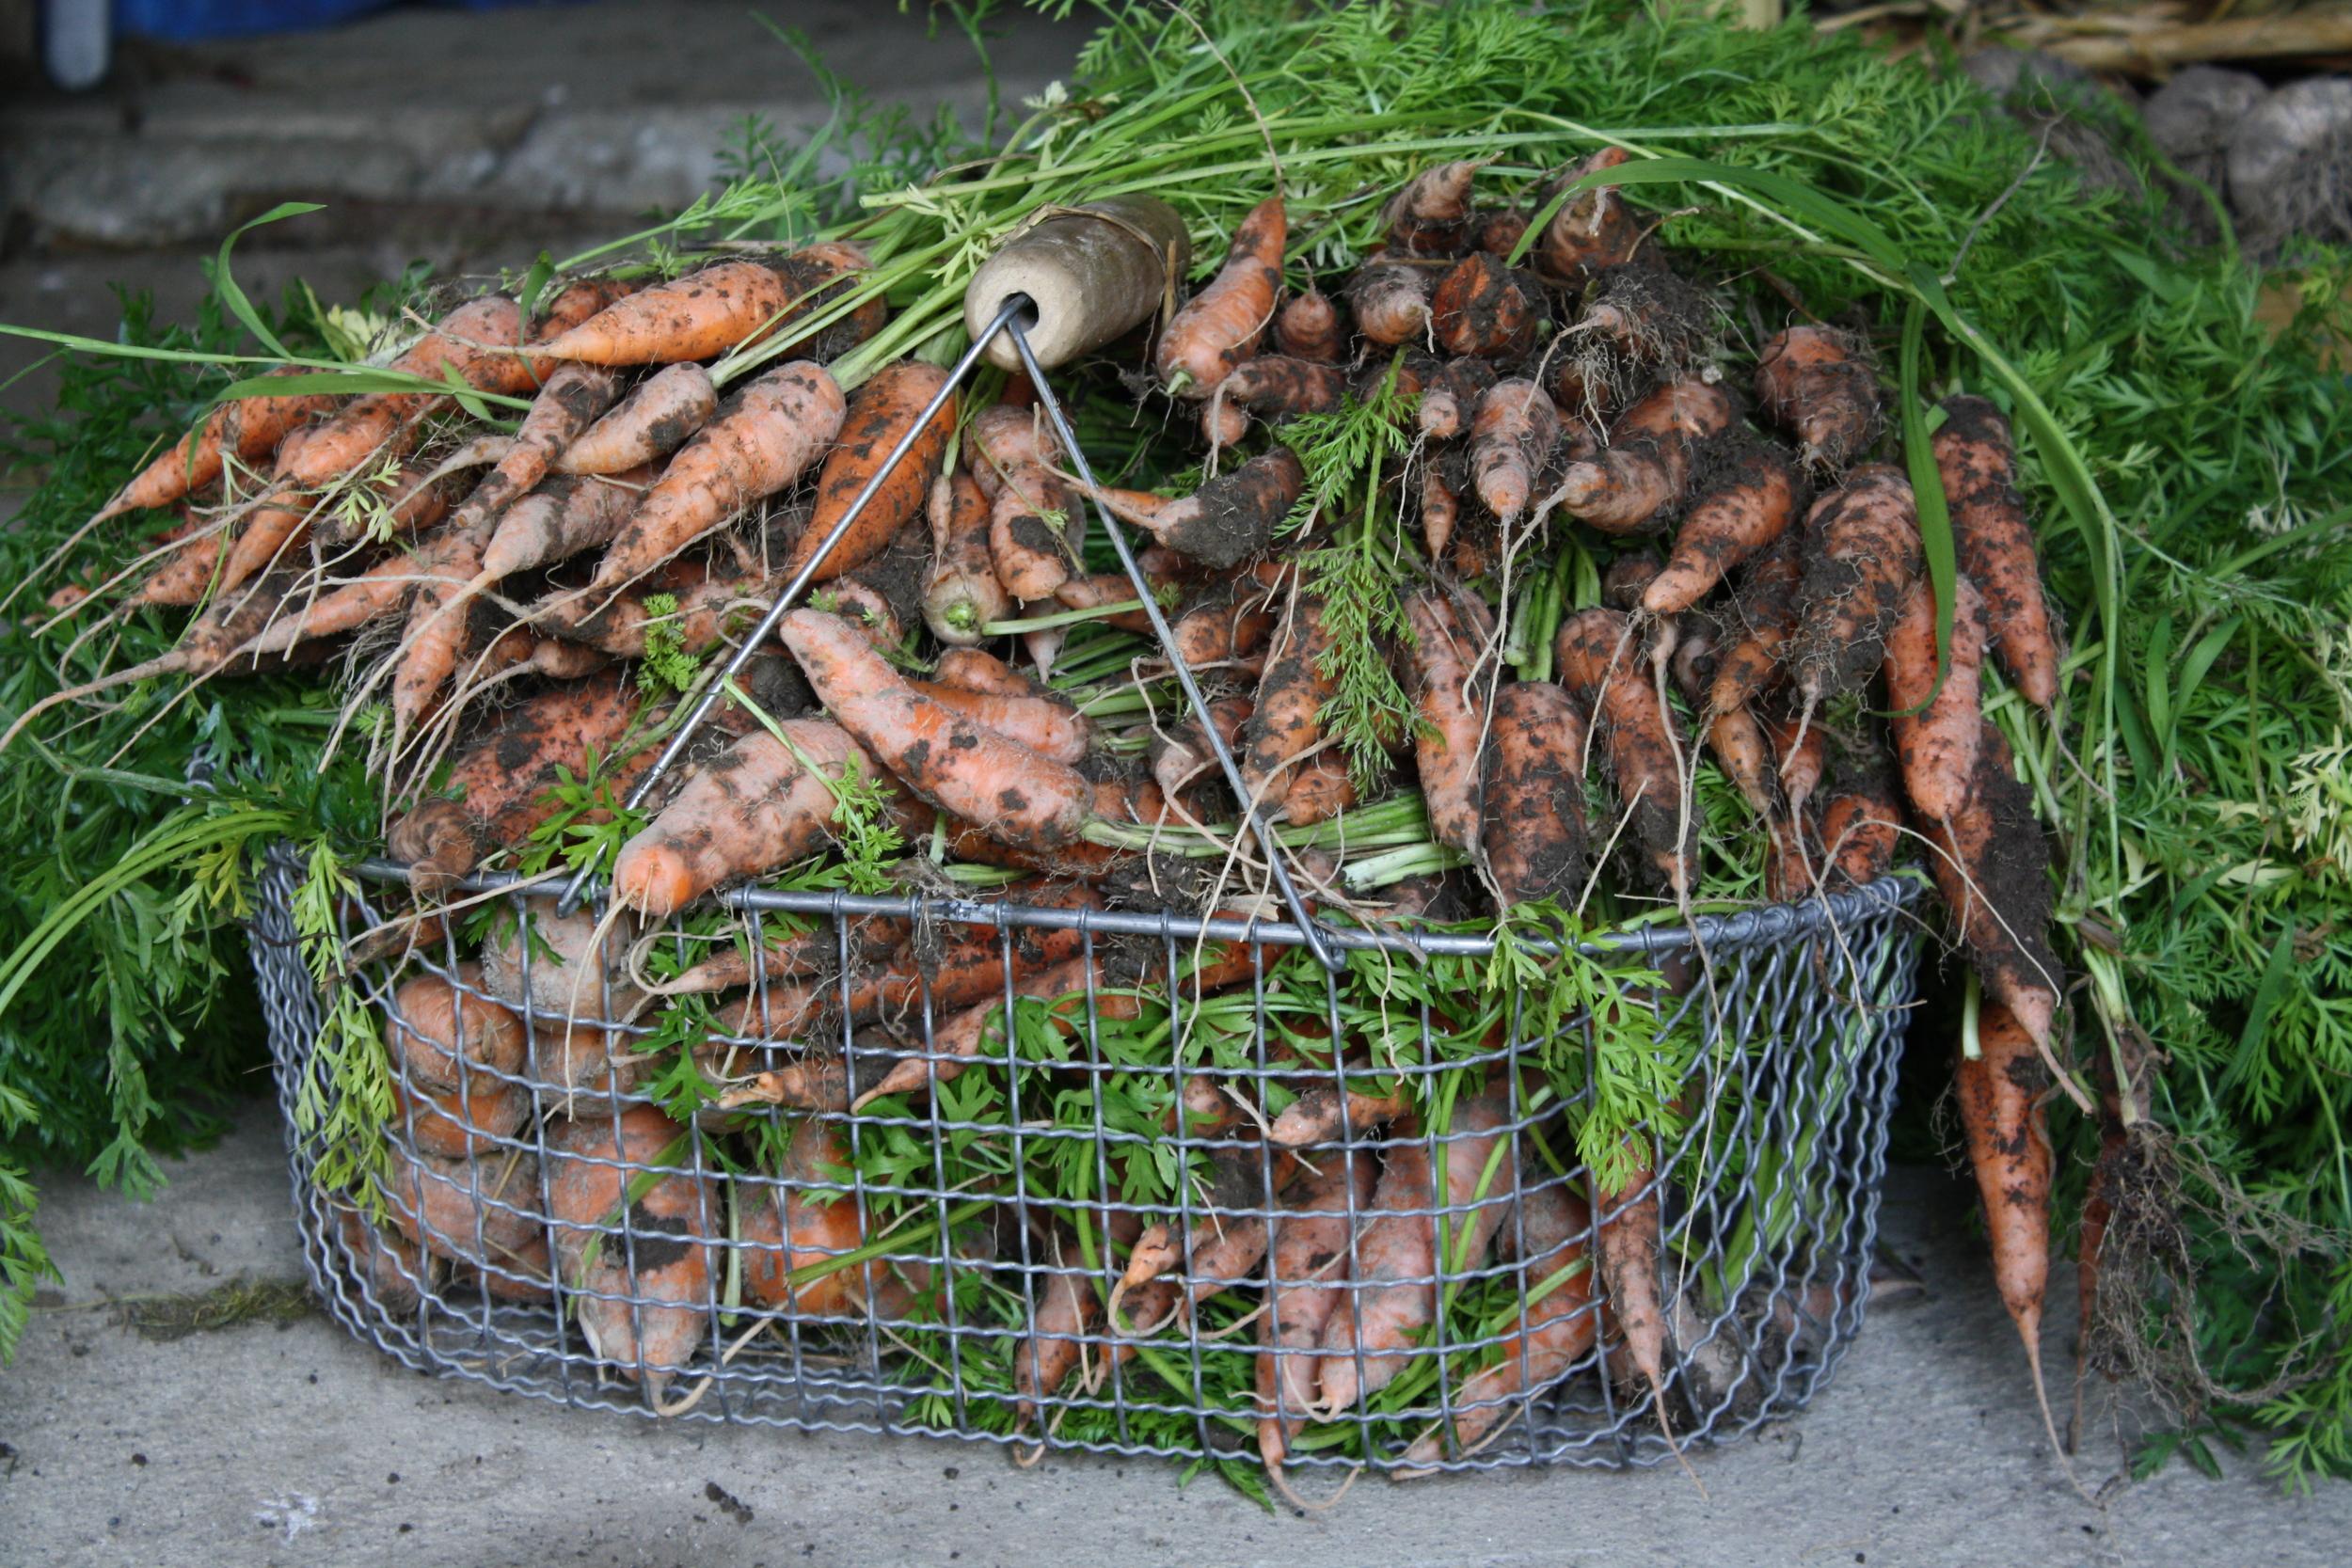 Carrots 'Tonda di Parigi'